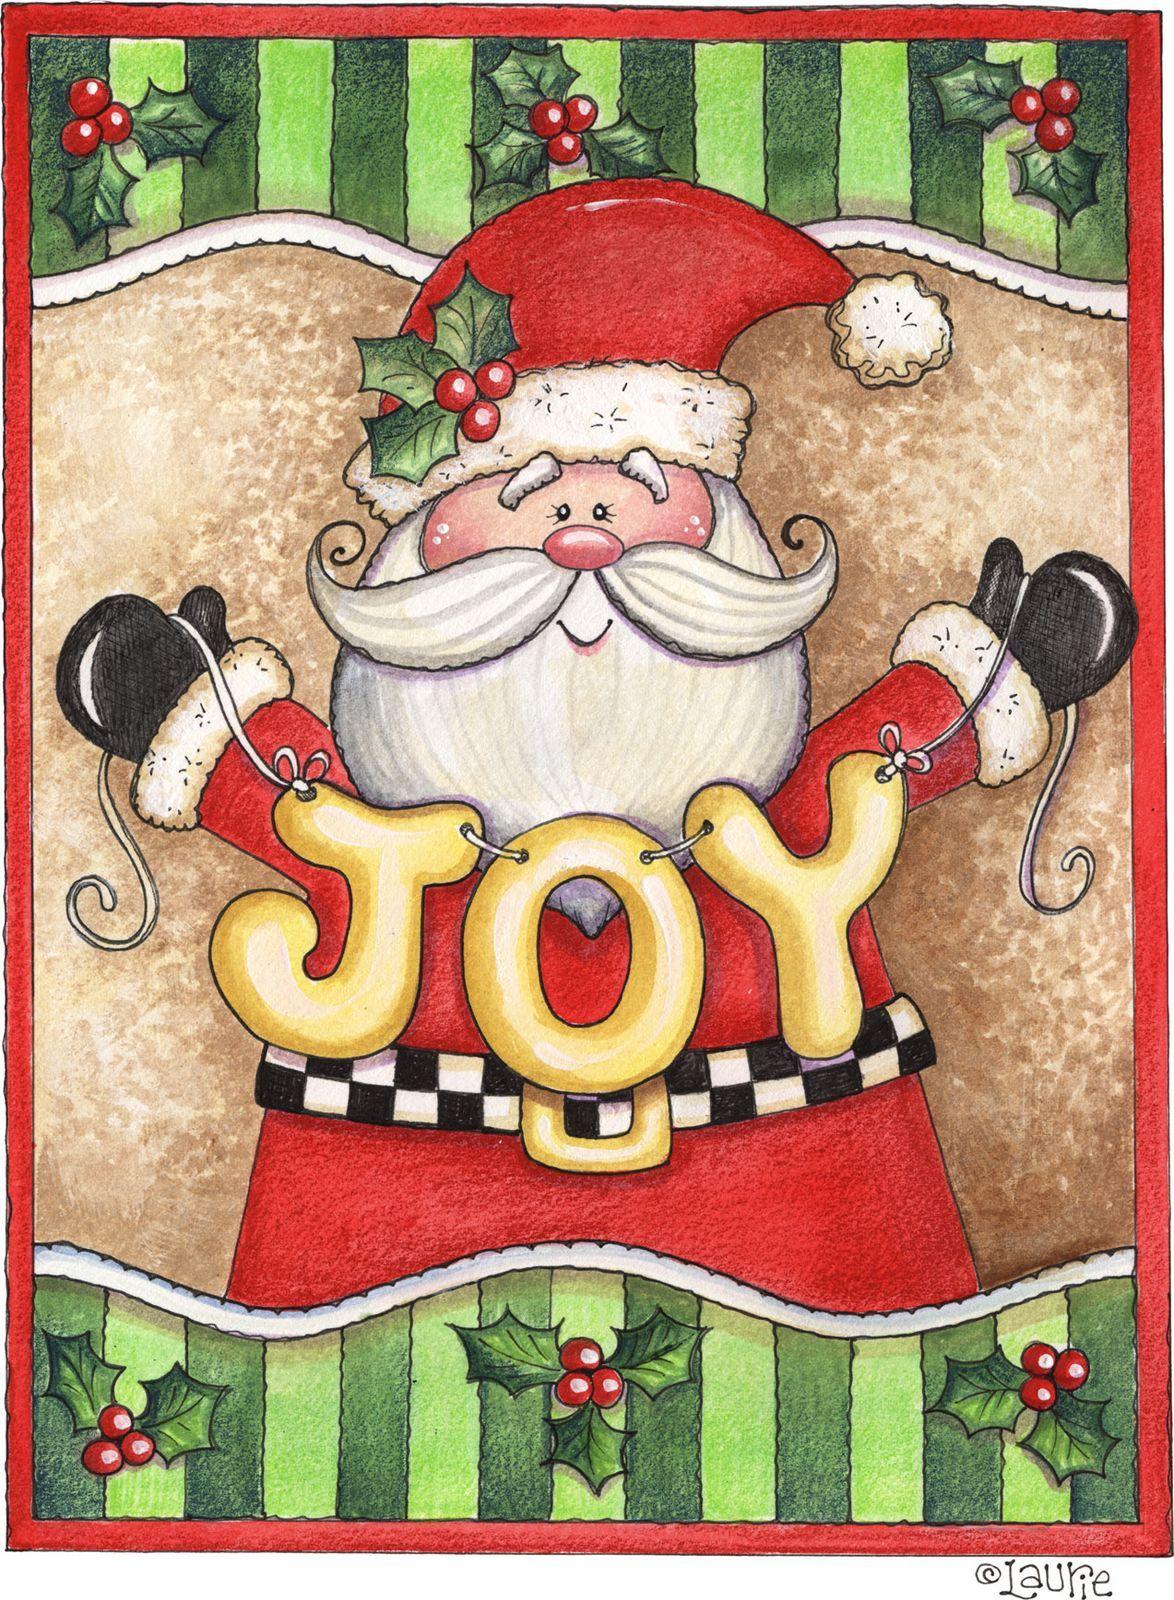 Imagenes de navidad noeles pinterest im genes de for Dibujos decorativos de navidad